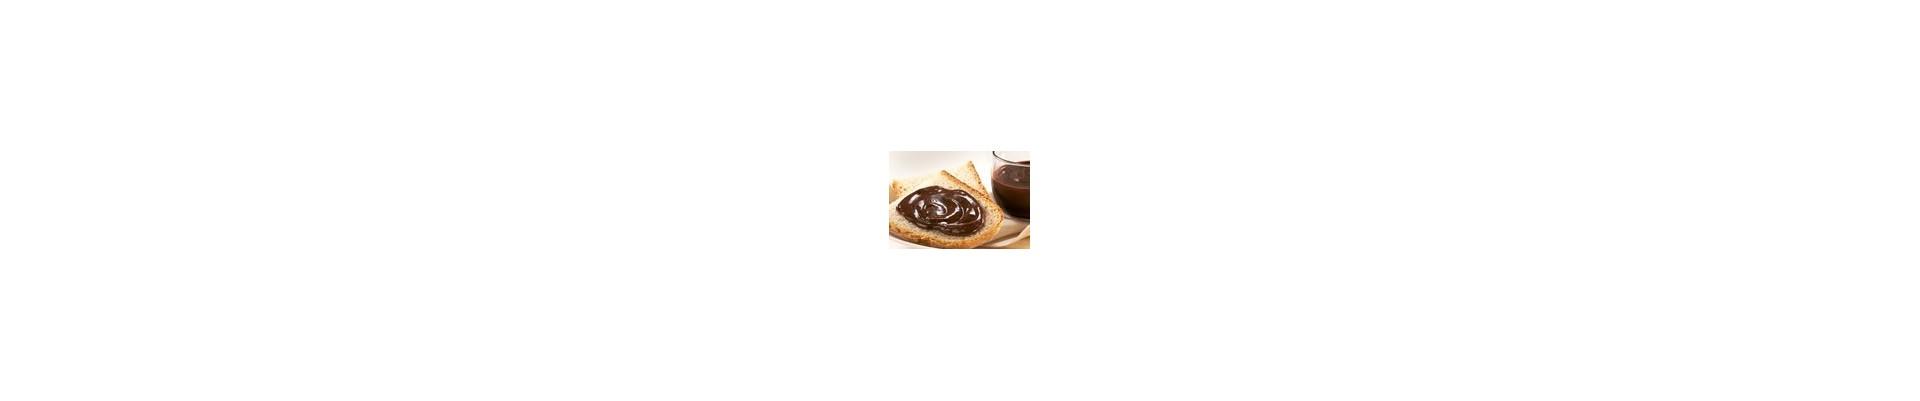 Creme spalmabili al cioccolato di Modica